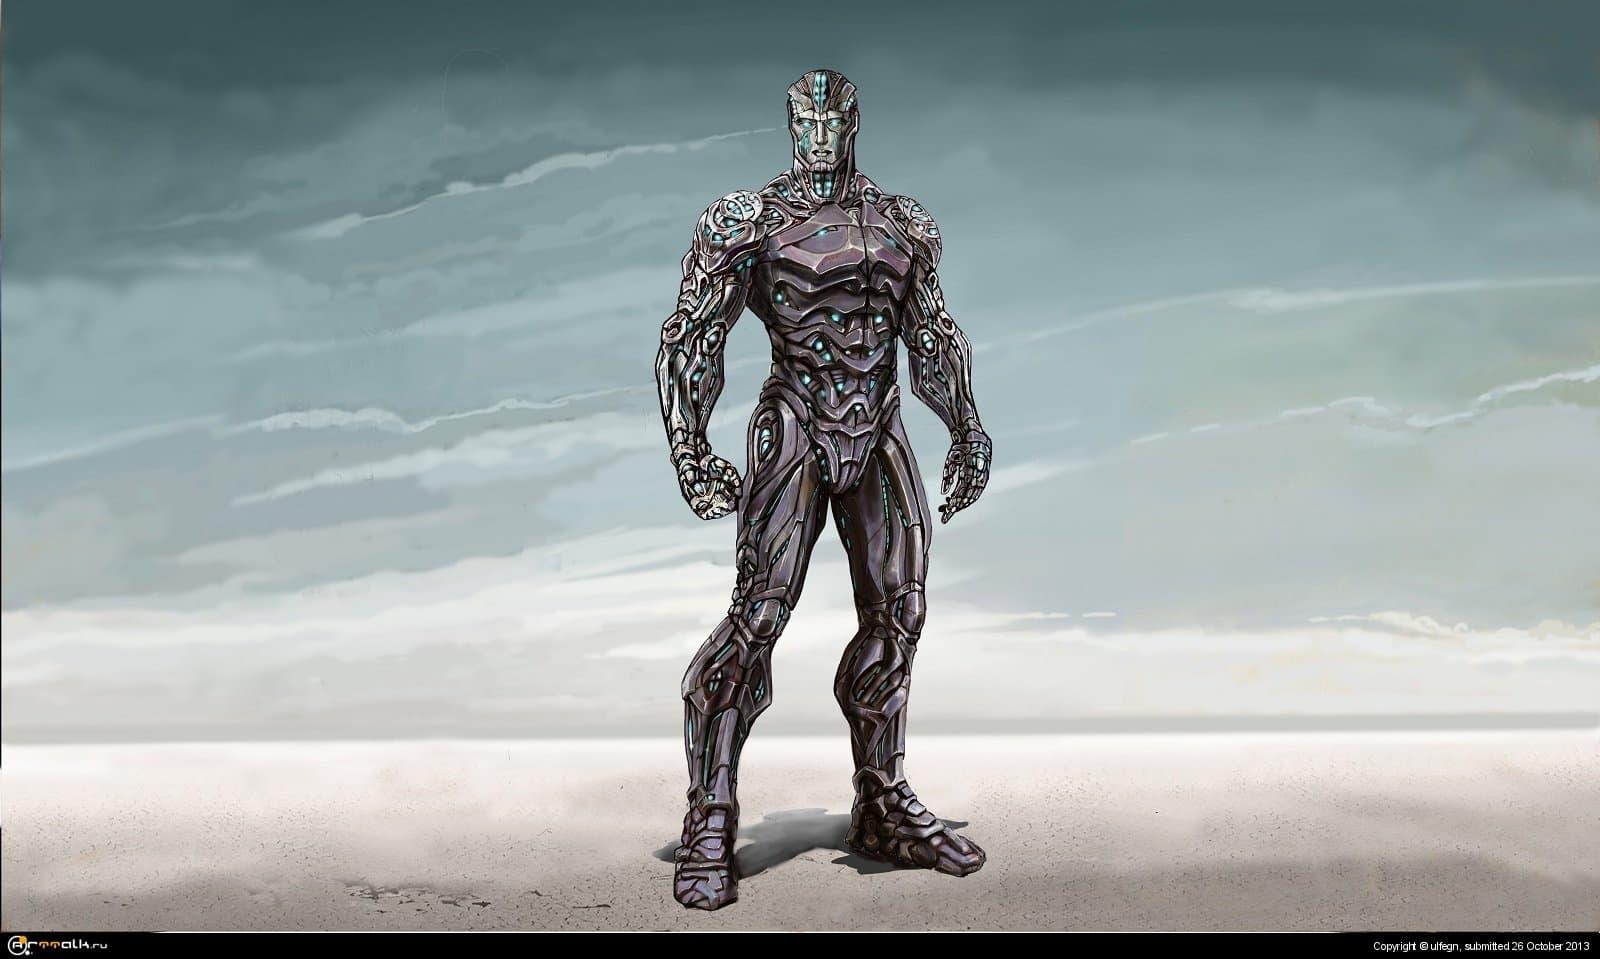 Прототип второстепенного персонажа для киностудии , первичные поиск дизайна .